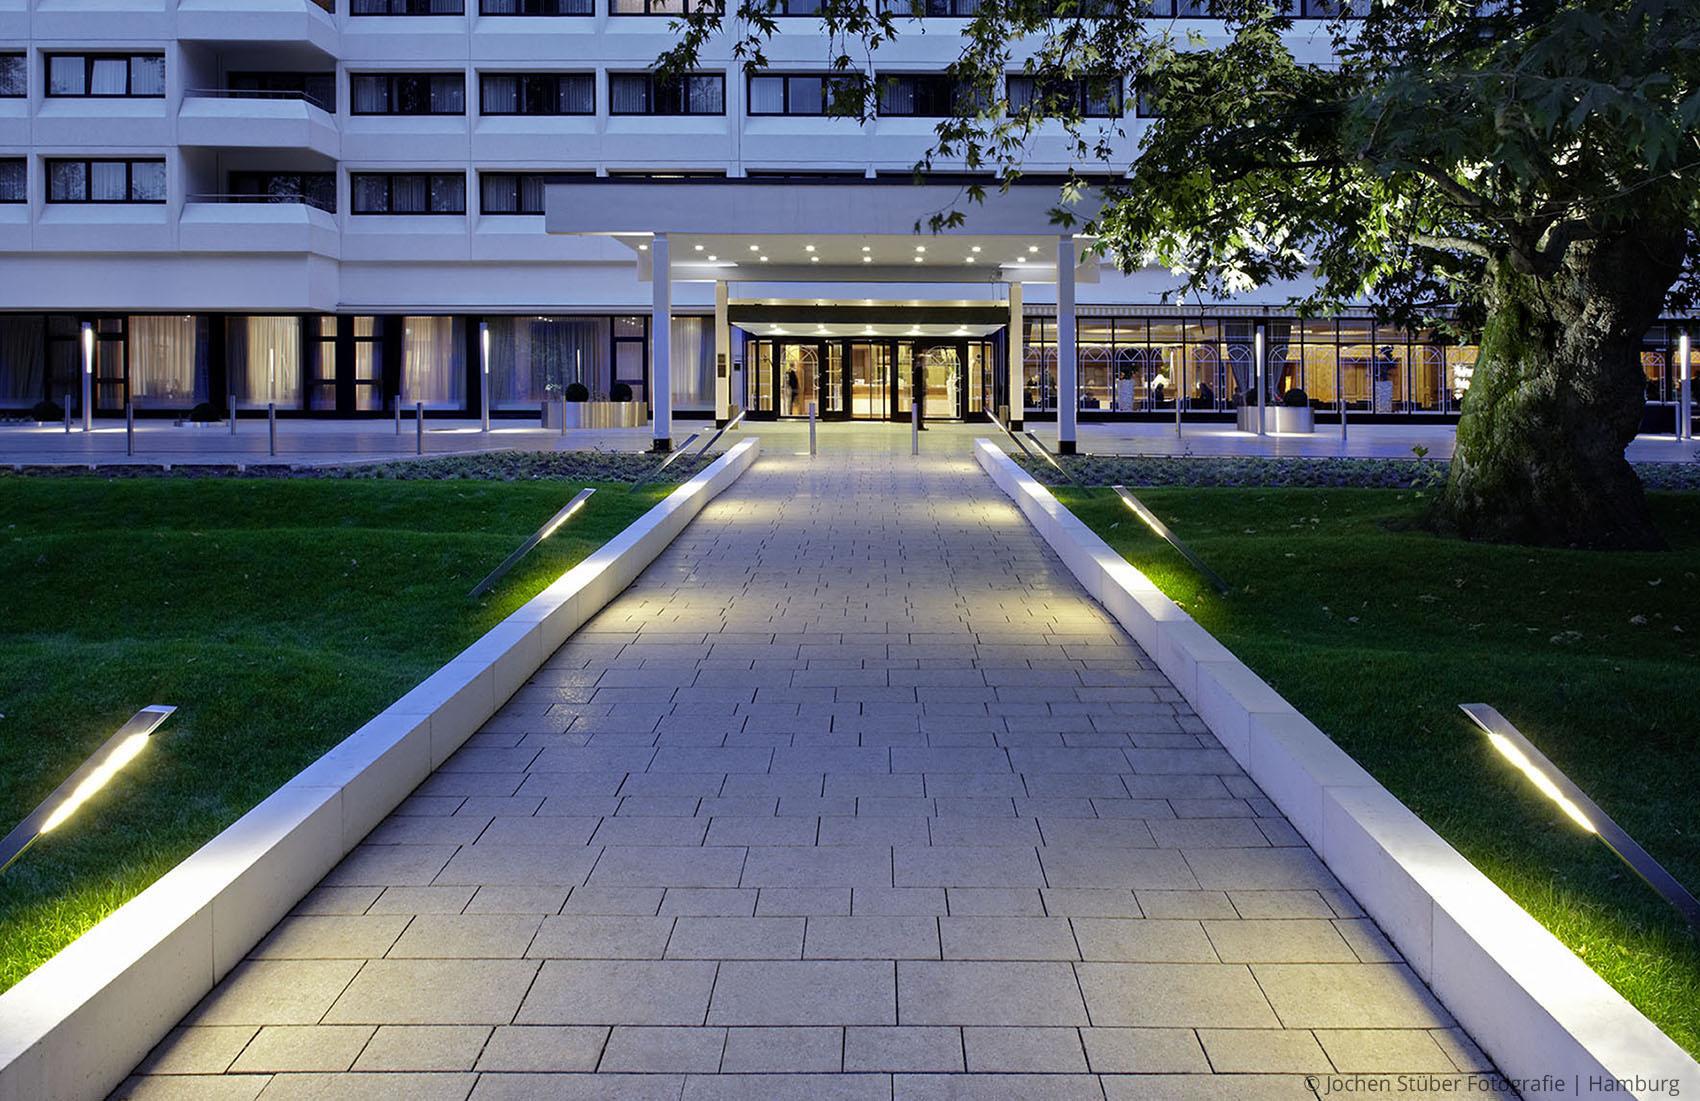 Hotel intercontinental hamburg wiggenhorn van den for Hotel international hamburg